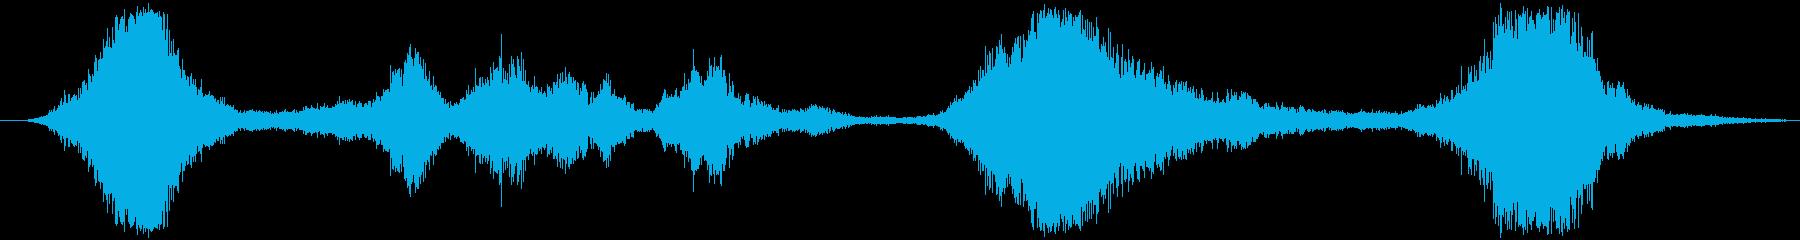 加工されたホイーリングフーシュの再生済みの波形